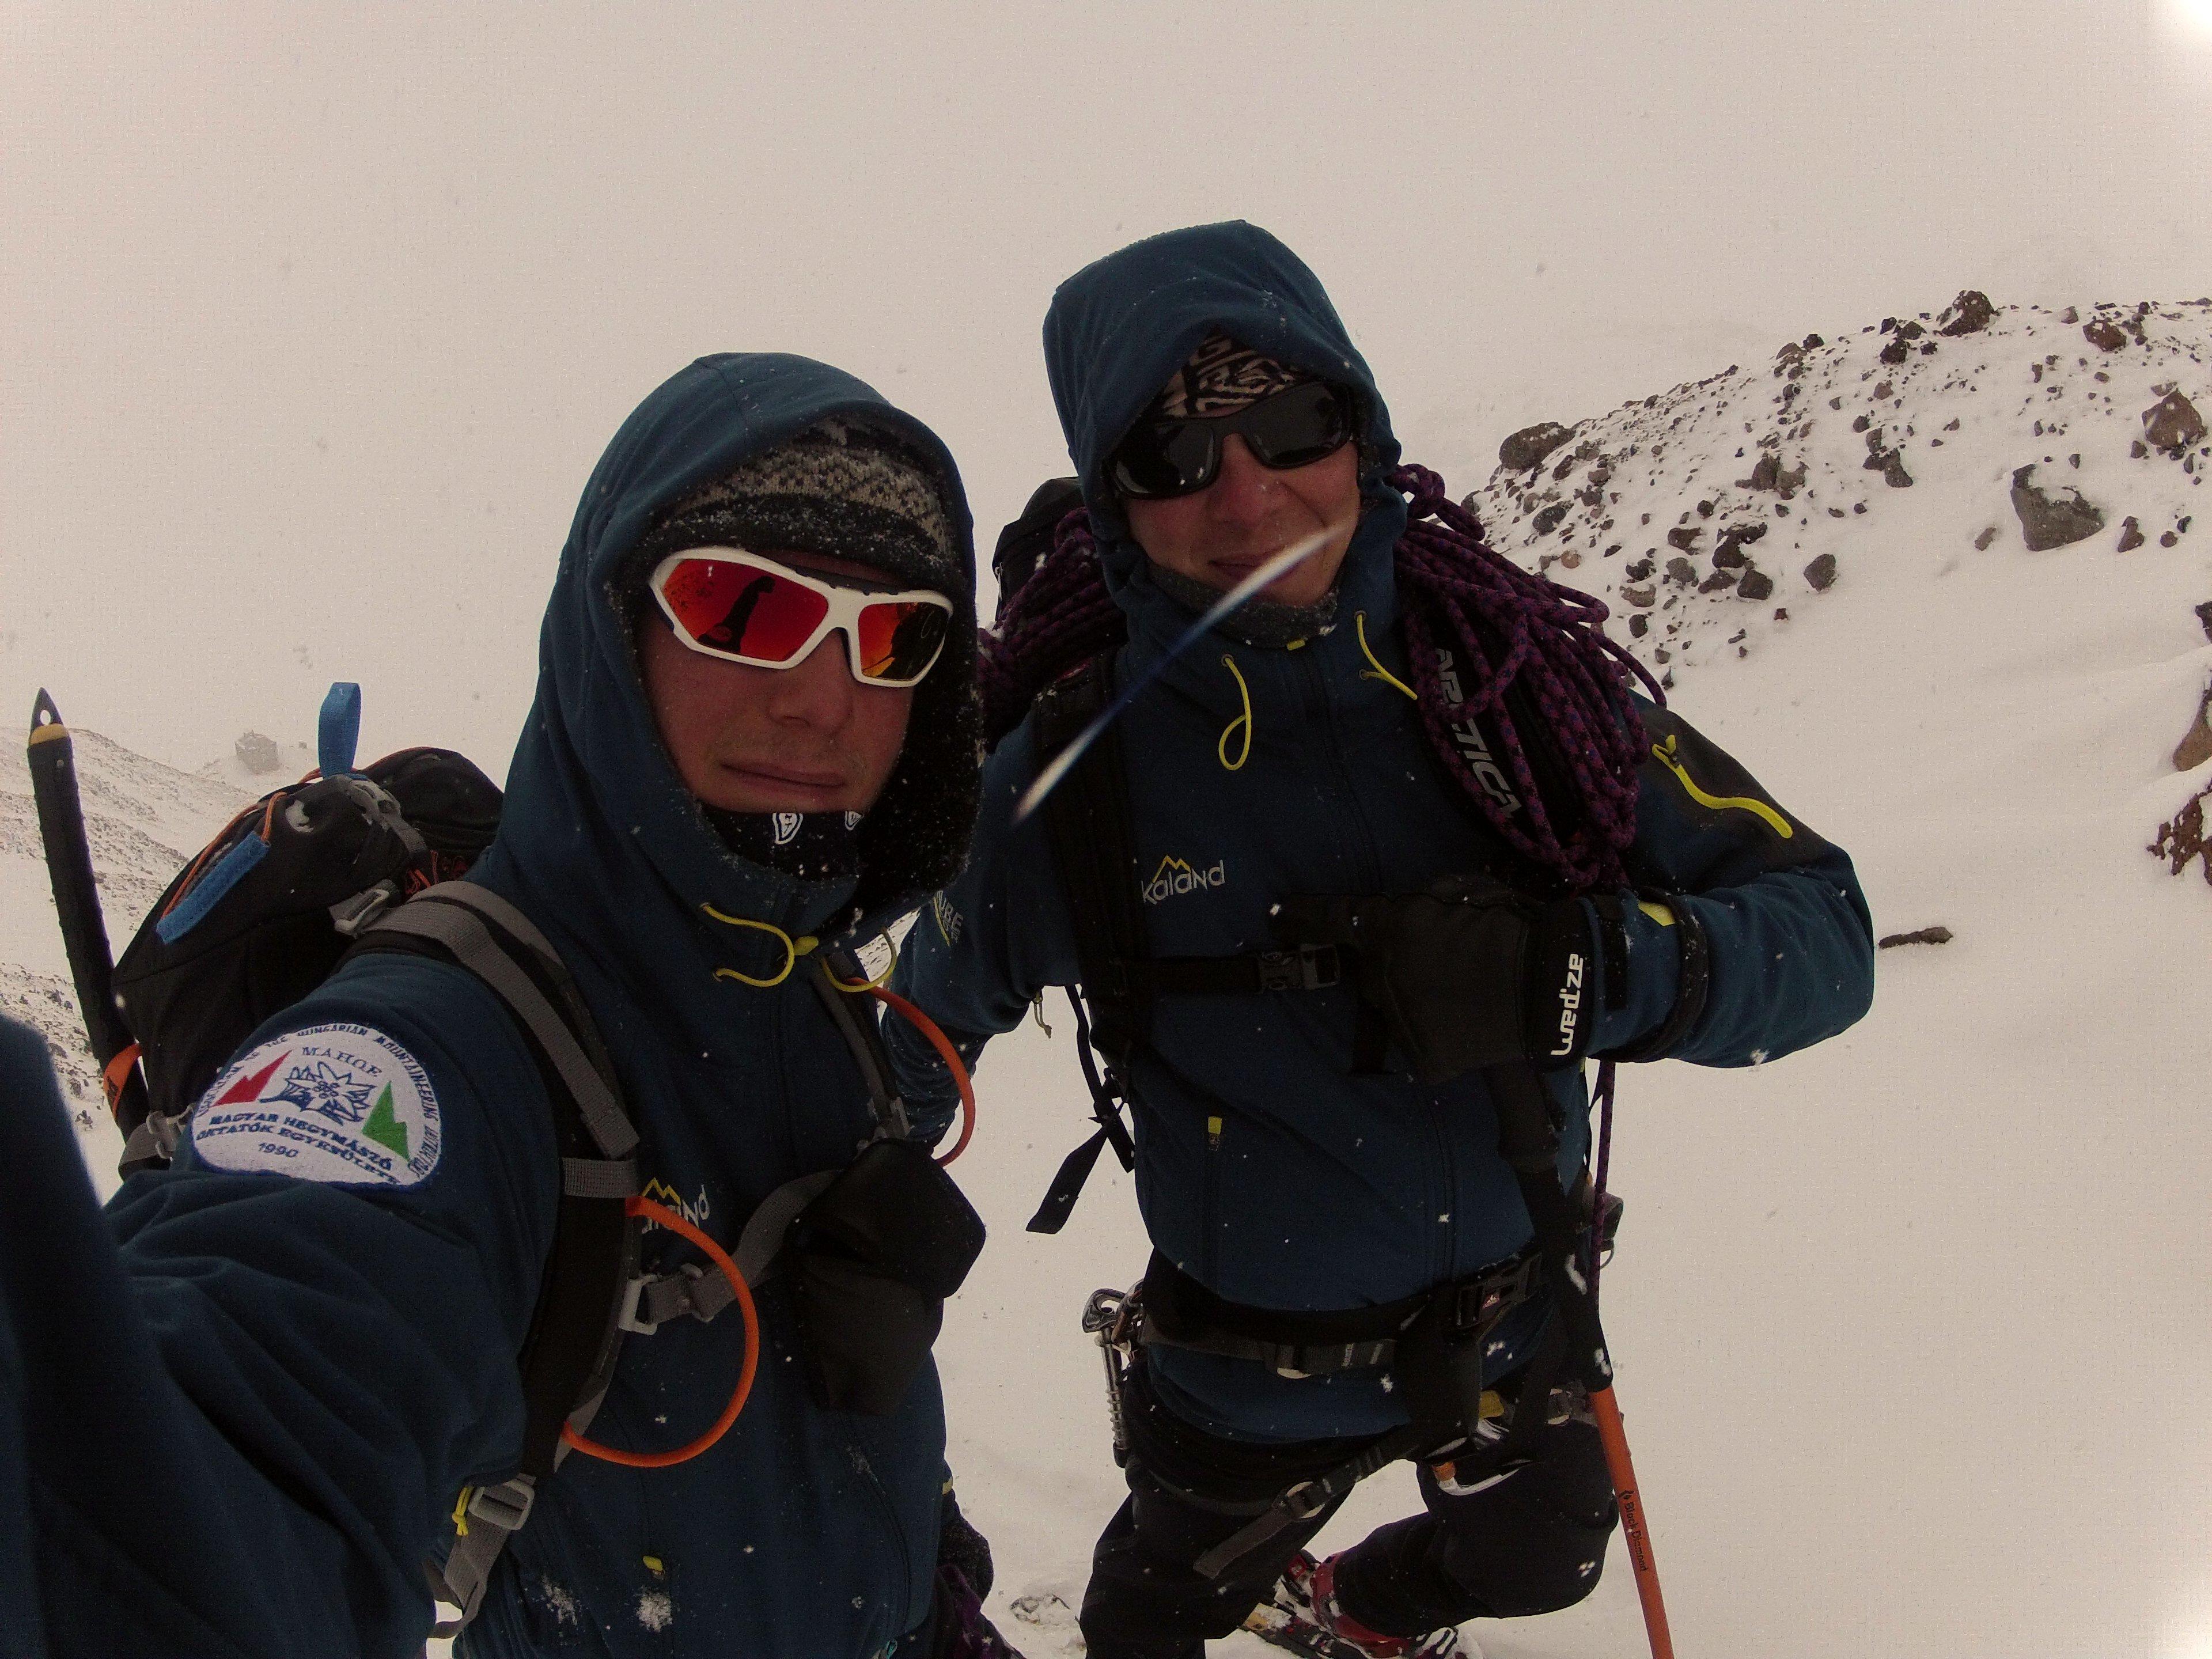 Grúzia – Kazbek mászás (5047 m) Kazbek, Grúzia #c1a98a3a-6459-4156-9846-b0bcb05fd9b5